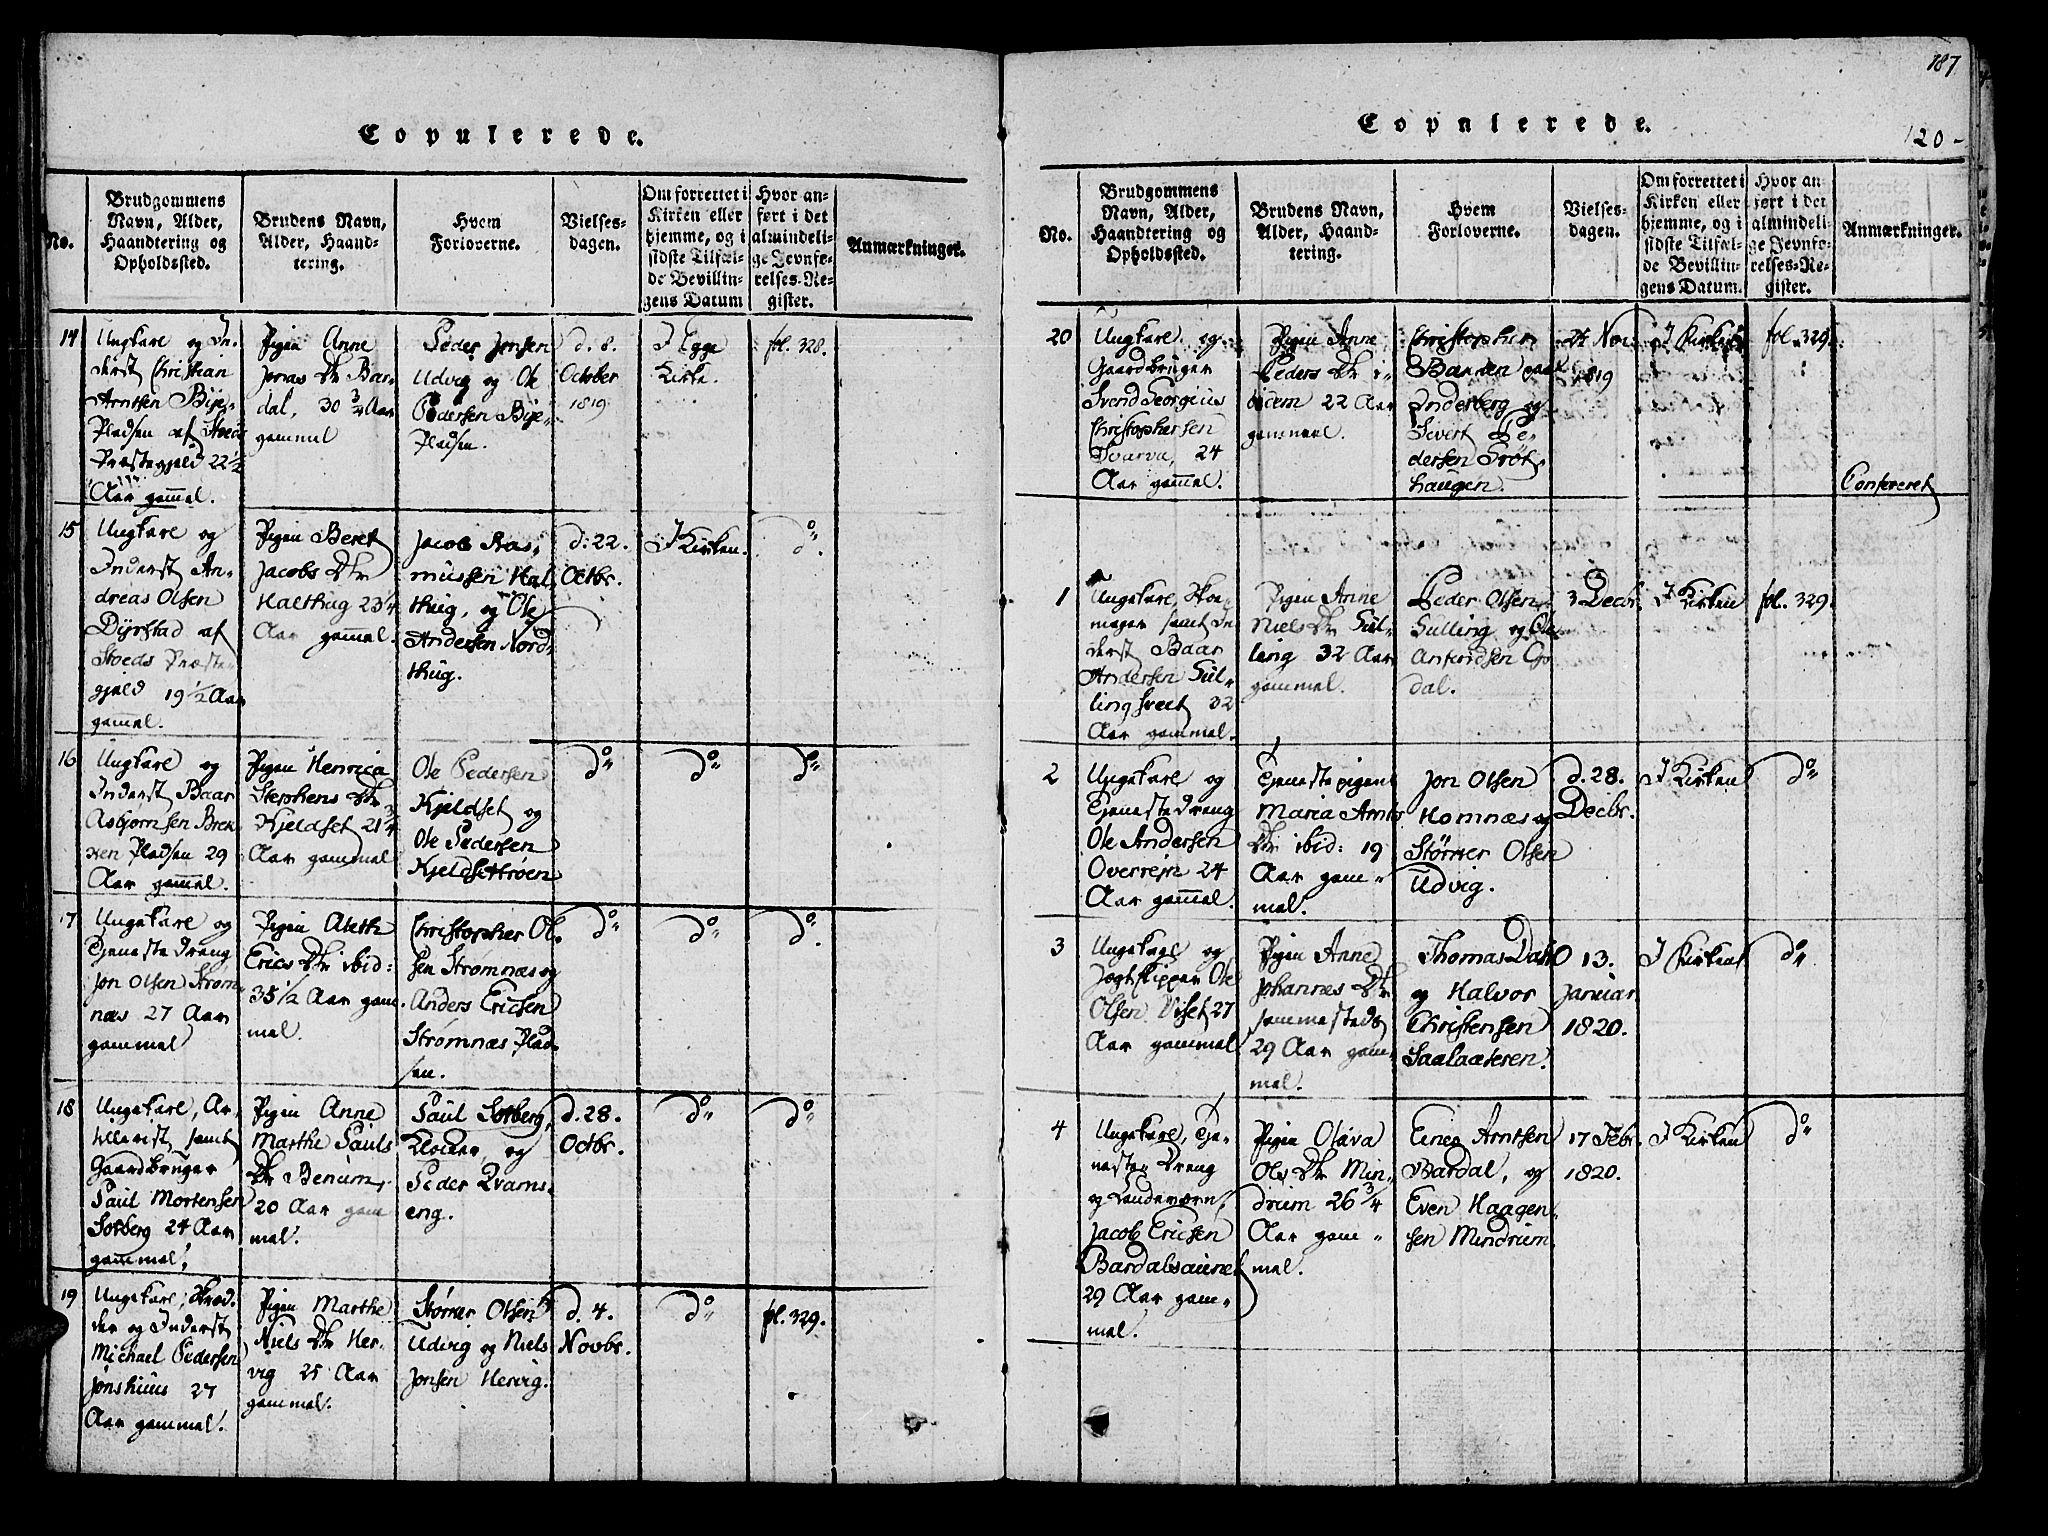 SAT, Ministerialprotokoller, klokkerbøker og fødselsregistre - Nord-Trøndelag, 741/L0387: Ministerialbok nr. 741A03 /1, 1817-1822, s. 120